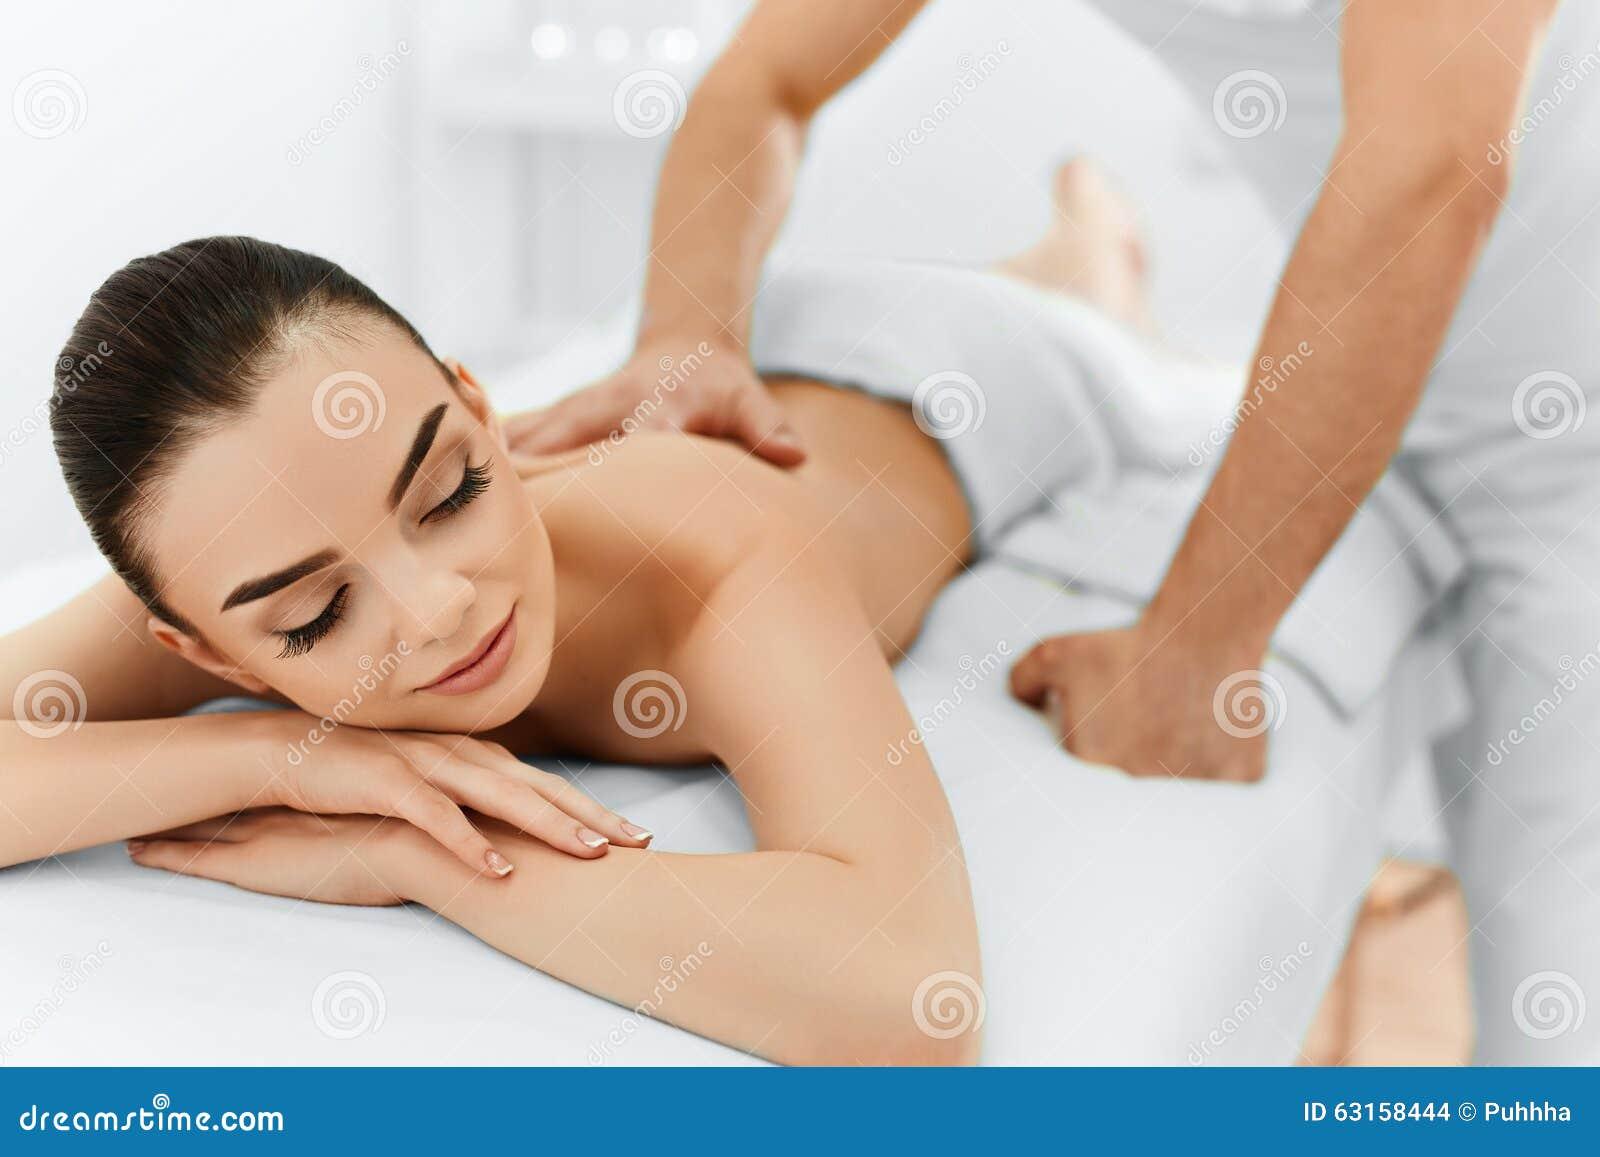 beauty spa bodycare